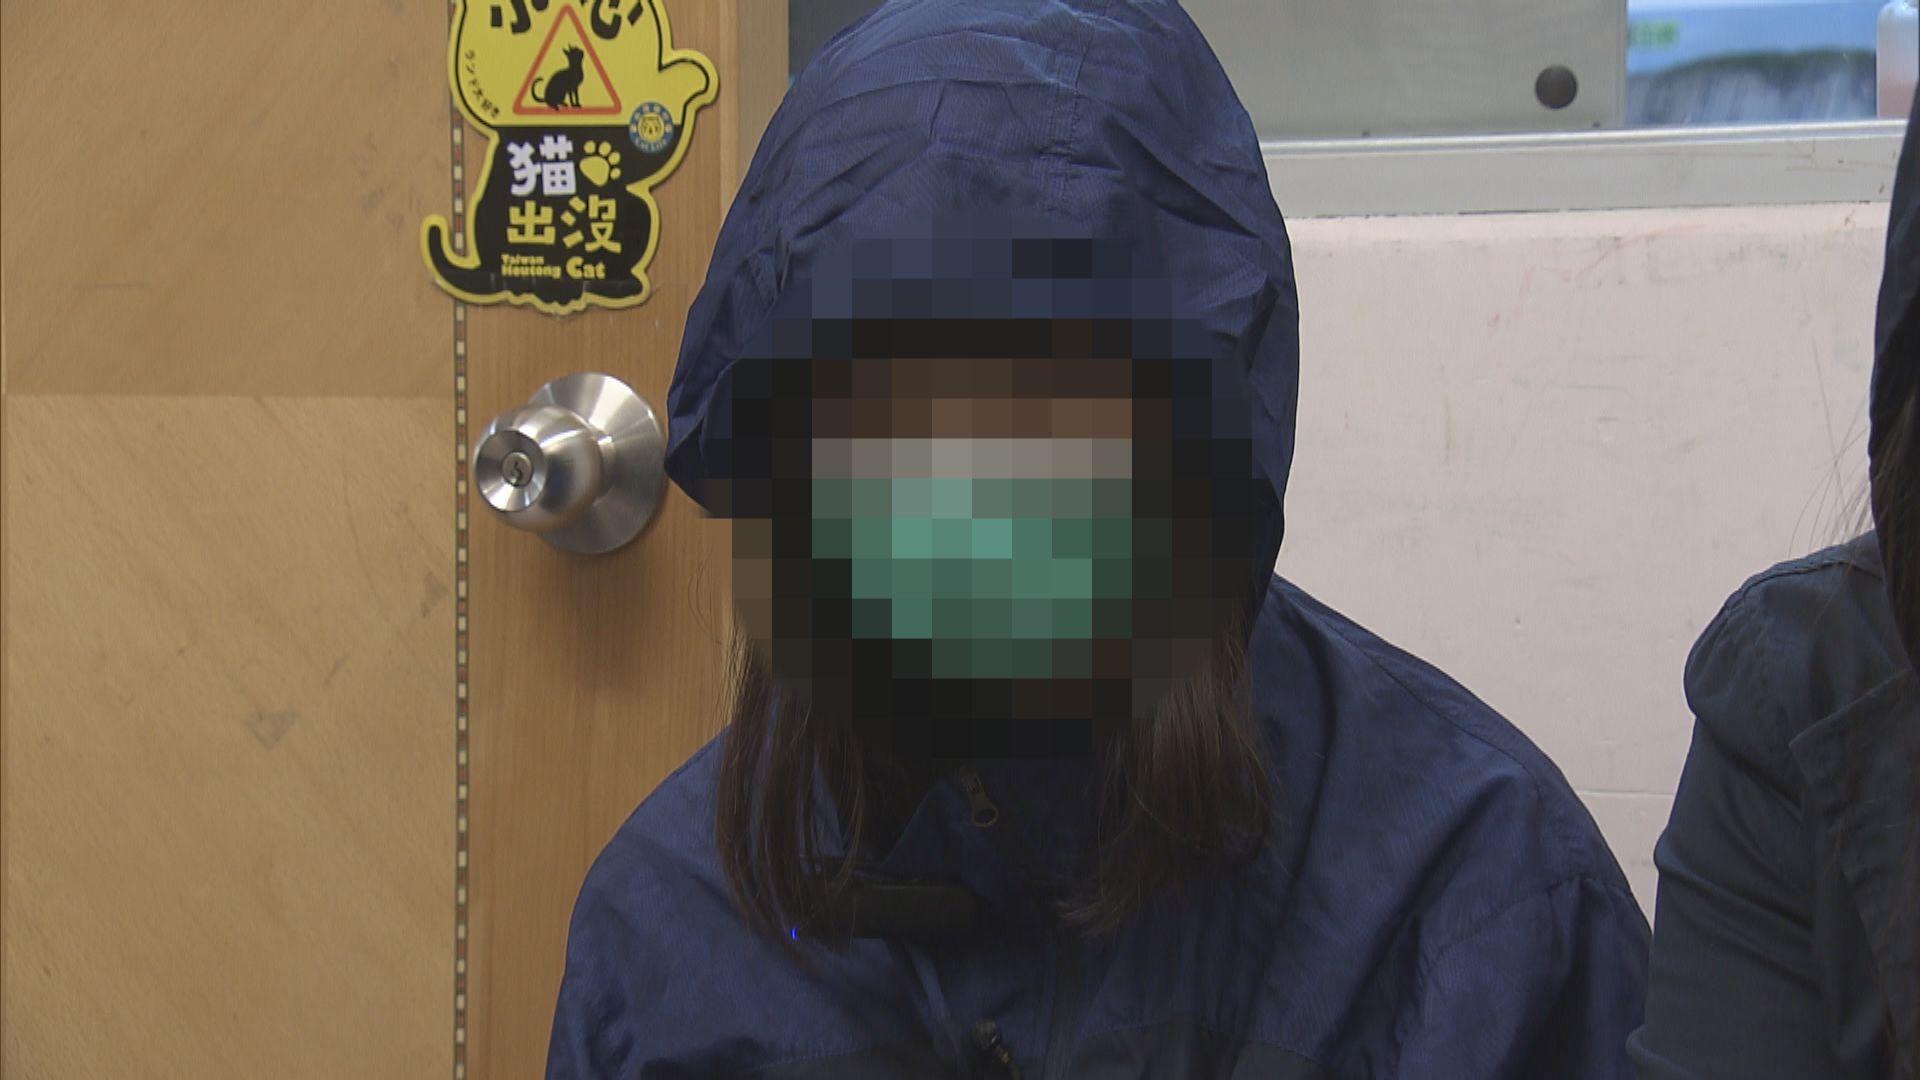 被捕者:被扣留期間警方禁止用電話聯絡家人